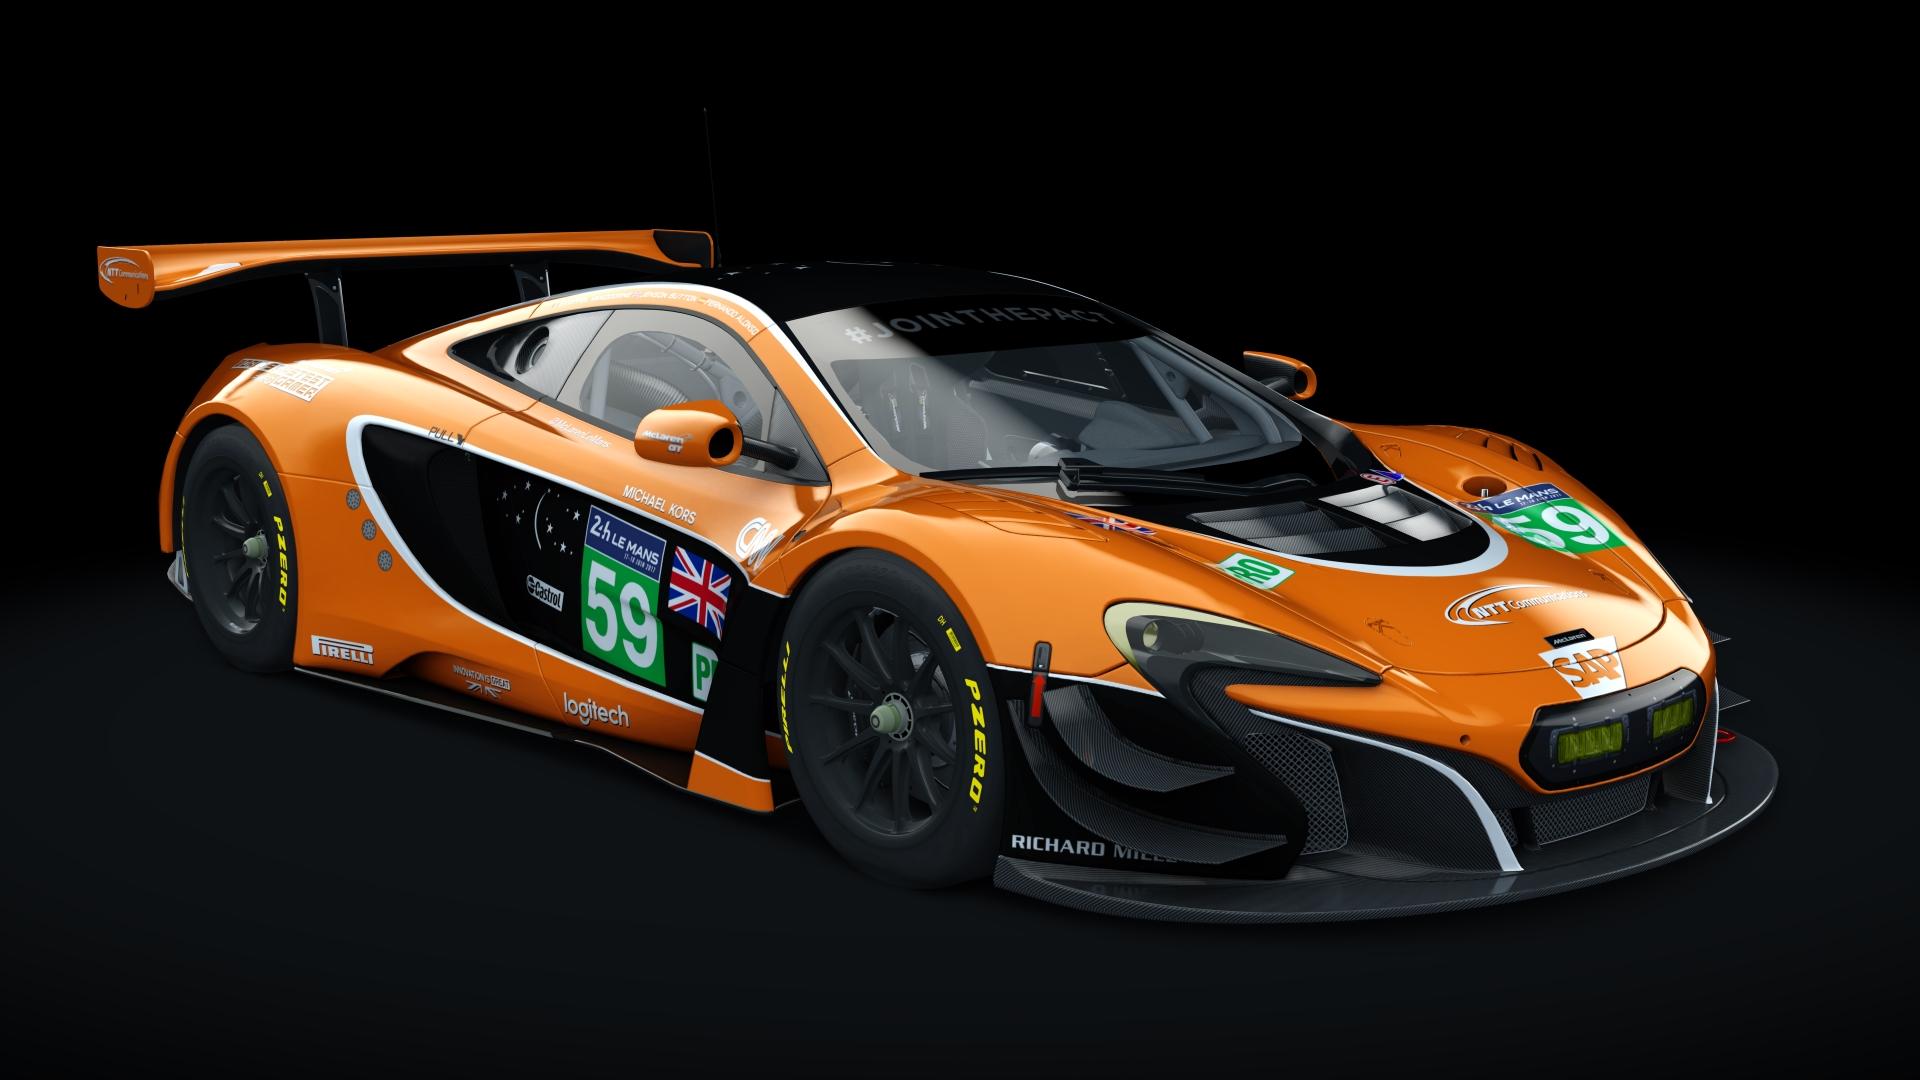 Mclaren 650s Gt3 >> Mclaren 650s Gt3 24h Le Mans 2017 Racedepartment